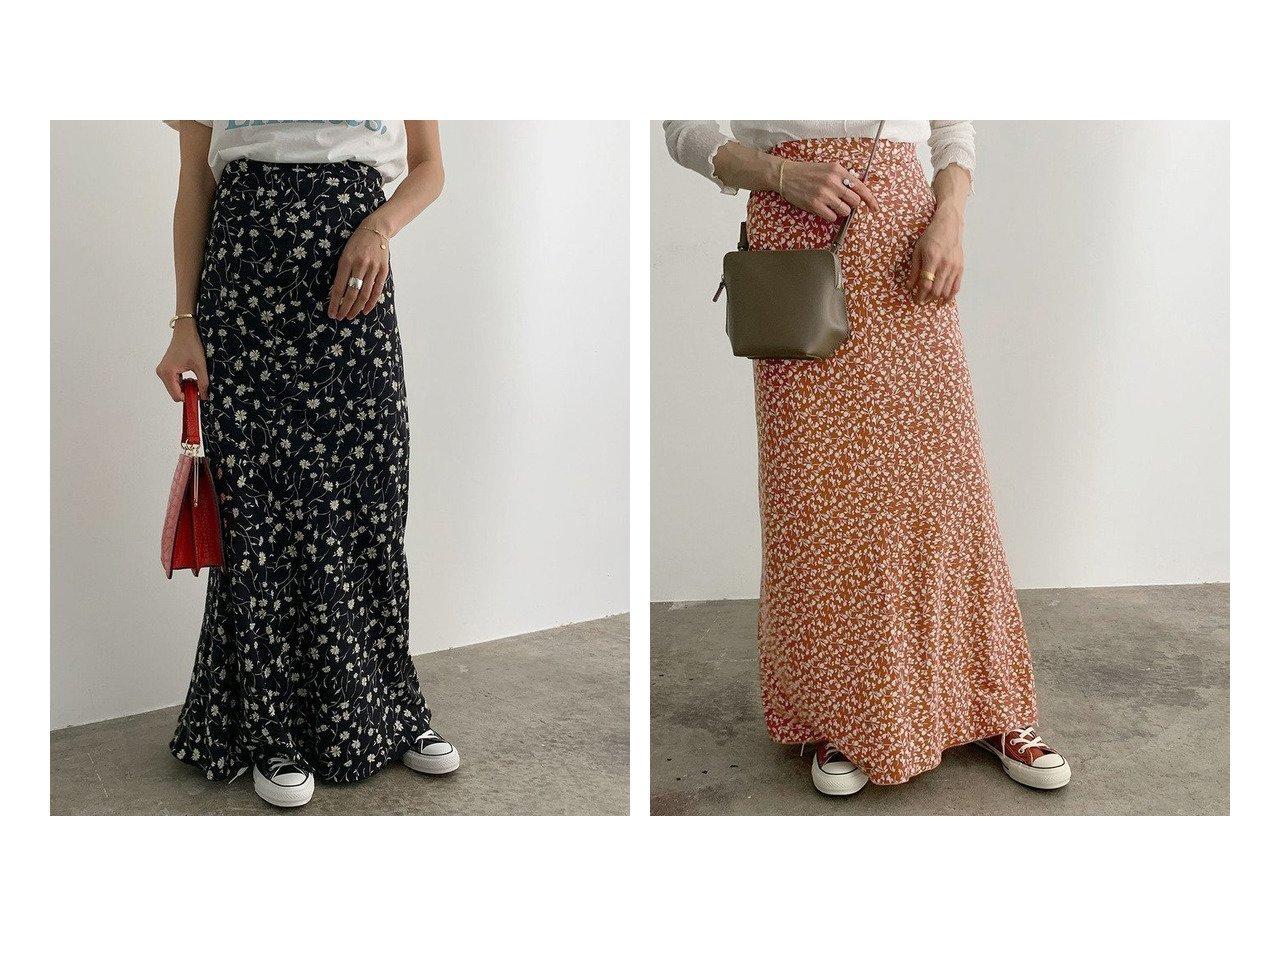 【ROPE' mademoiselle/ロペ マドモアゼル】のヴィンテージライクフラワーマーメイドスカート スカートのおすすめ!人気トレンド・レディースファッションの通販 おすすめで人気の流行・トレンド、ファッションの通販商品 メンズファッション・キッズファッション・インテリア・家具・レディースファッション・服の通販 founy(ファニー) https://founy.com/ ファッション Fashion レディースファッション WOMEN スカート Skirt シューズ スニーカー フェミニン プリント ポケット マキシ マーメイド  ID:crp329100000008534